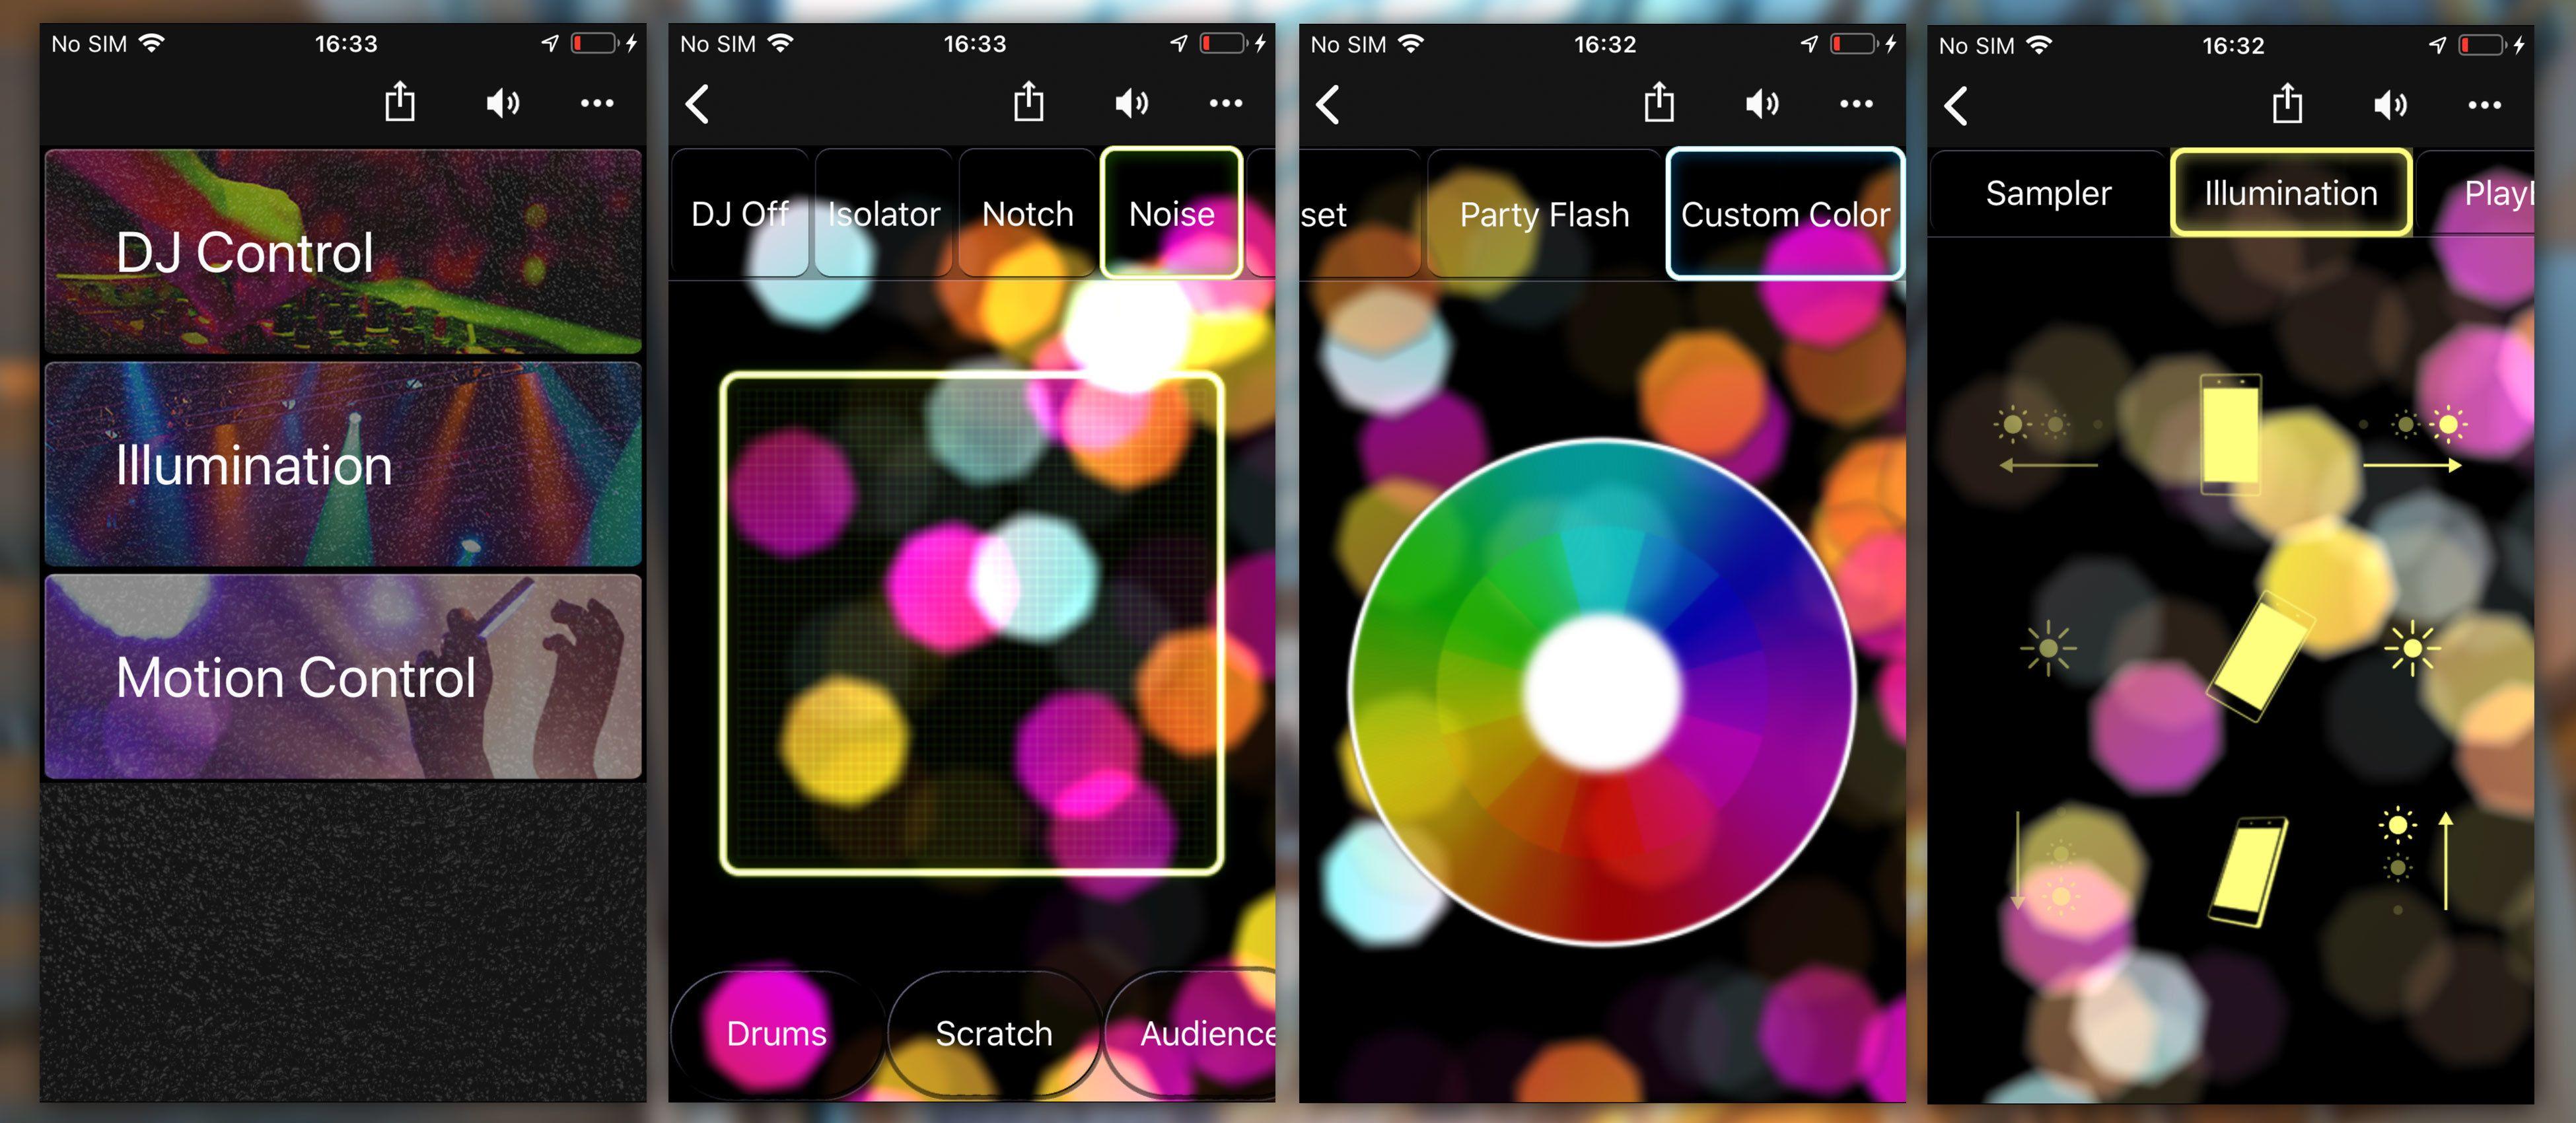 Fiestable er en rar app. Effektene er regelrett hysteriske, og grensesnittet helt forferdelig.